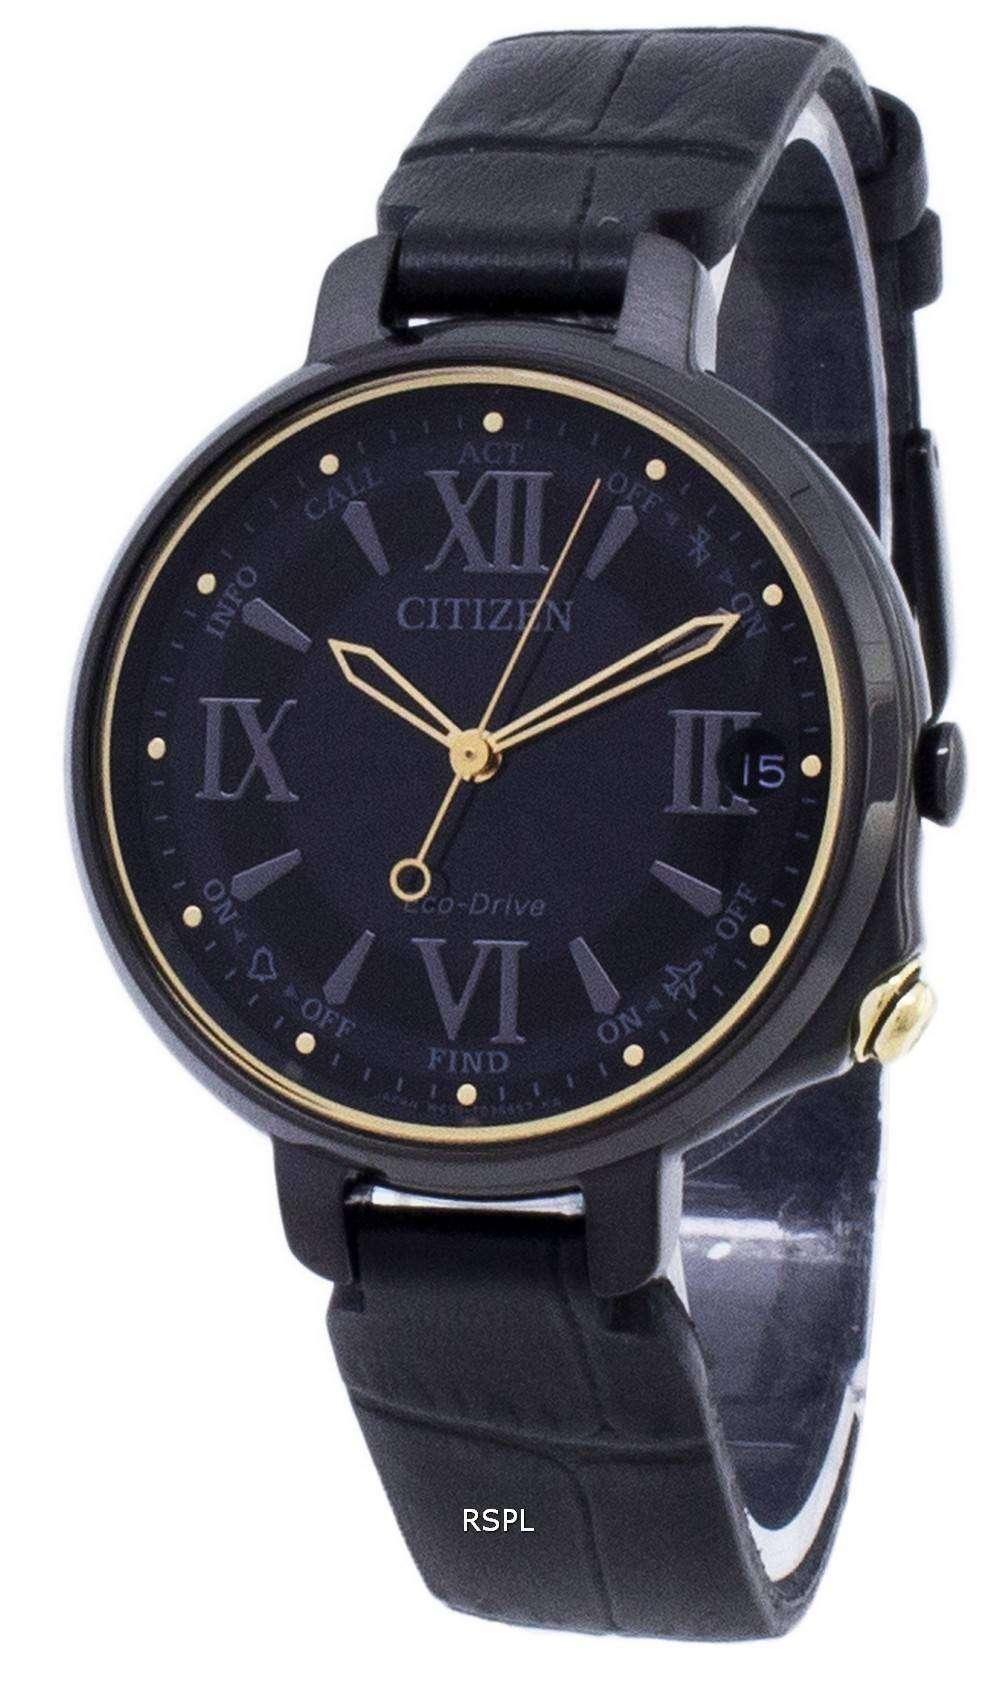 市民エコドライブ EE4055 17E アナログ レディース腕時計